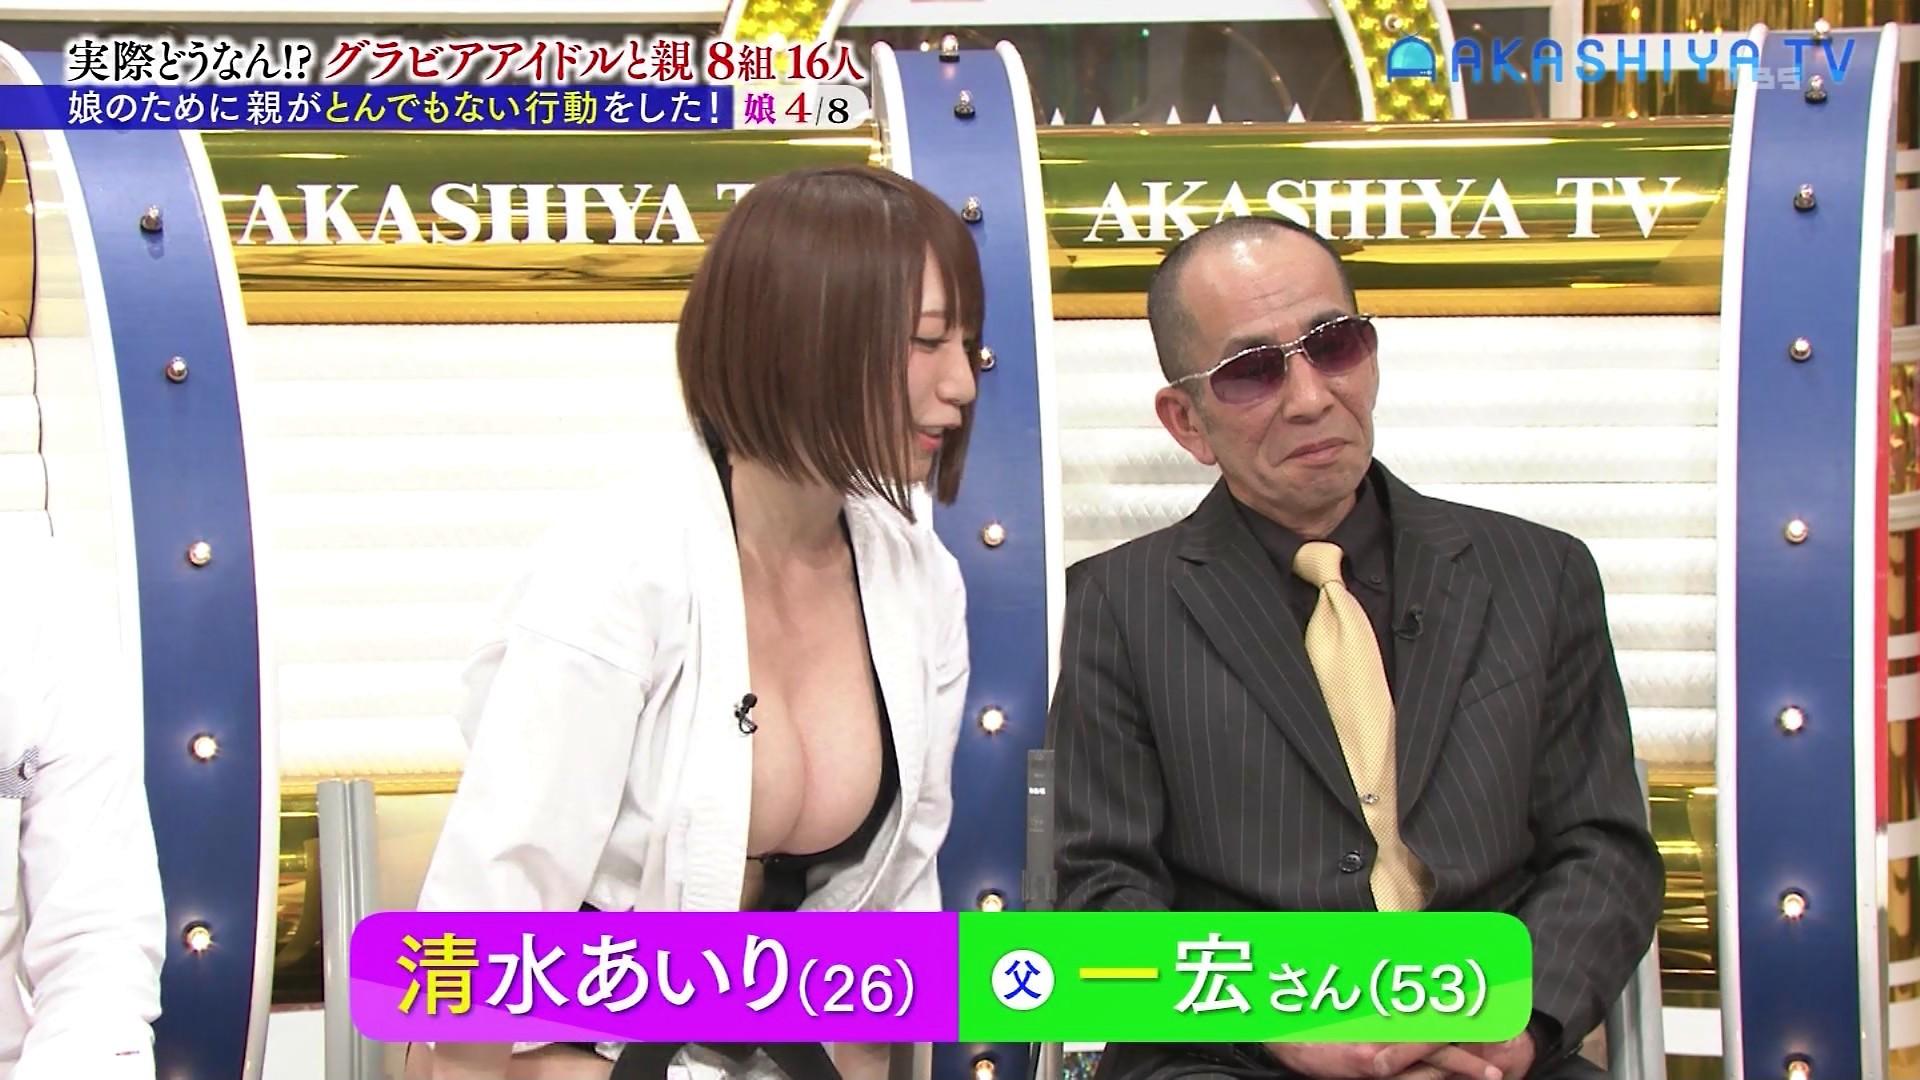 2019年4月22日明石家電視台のテレビキャプチャー画像-121